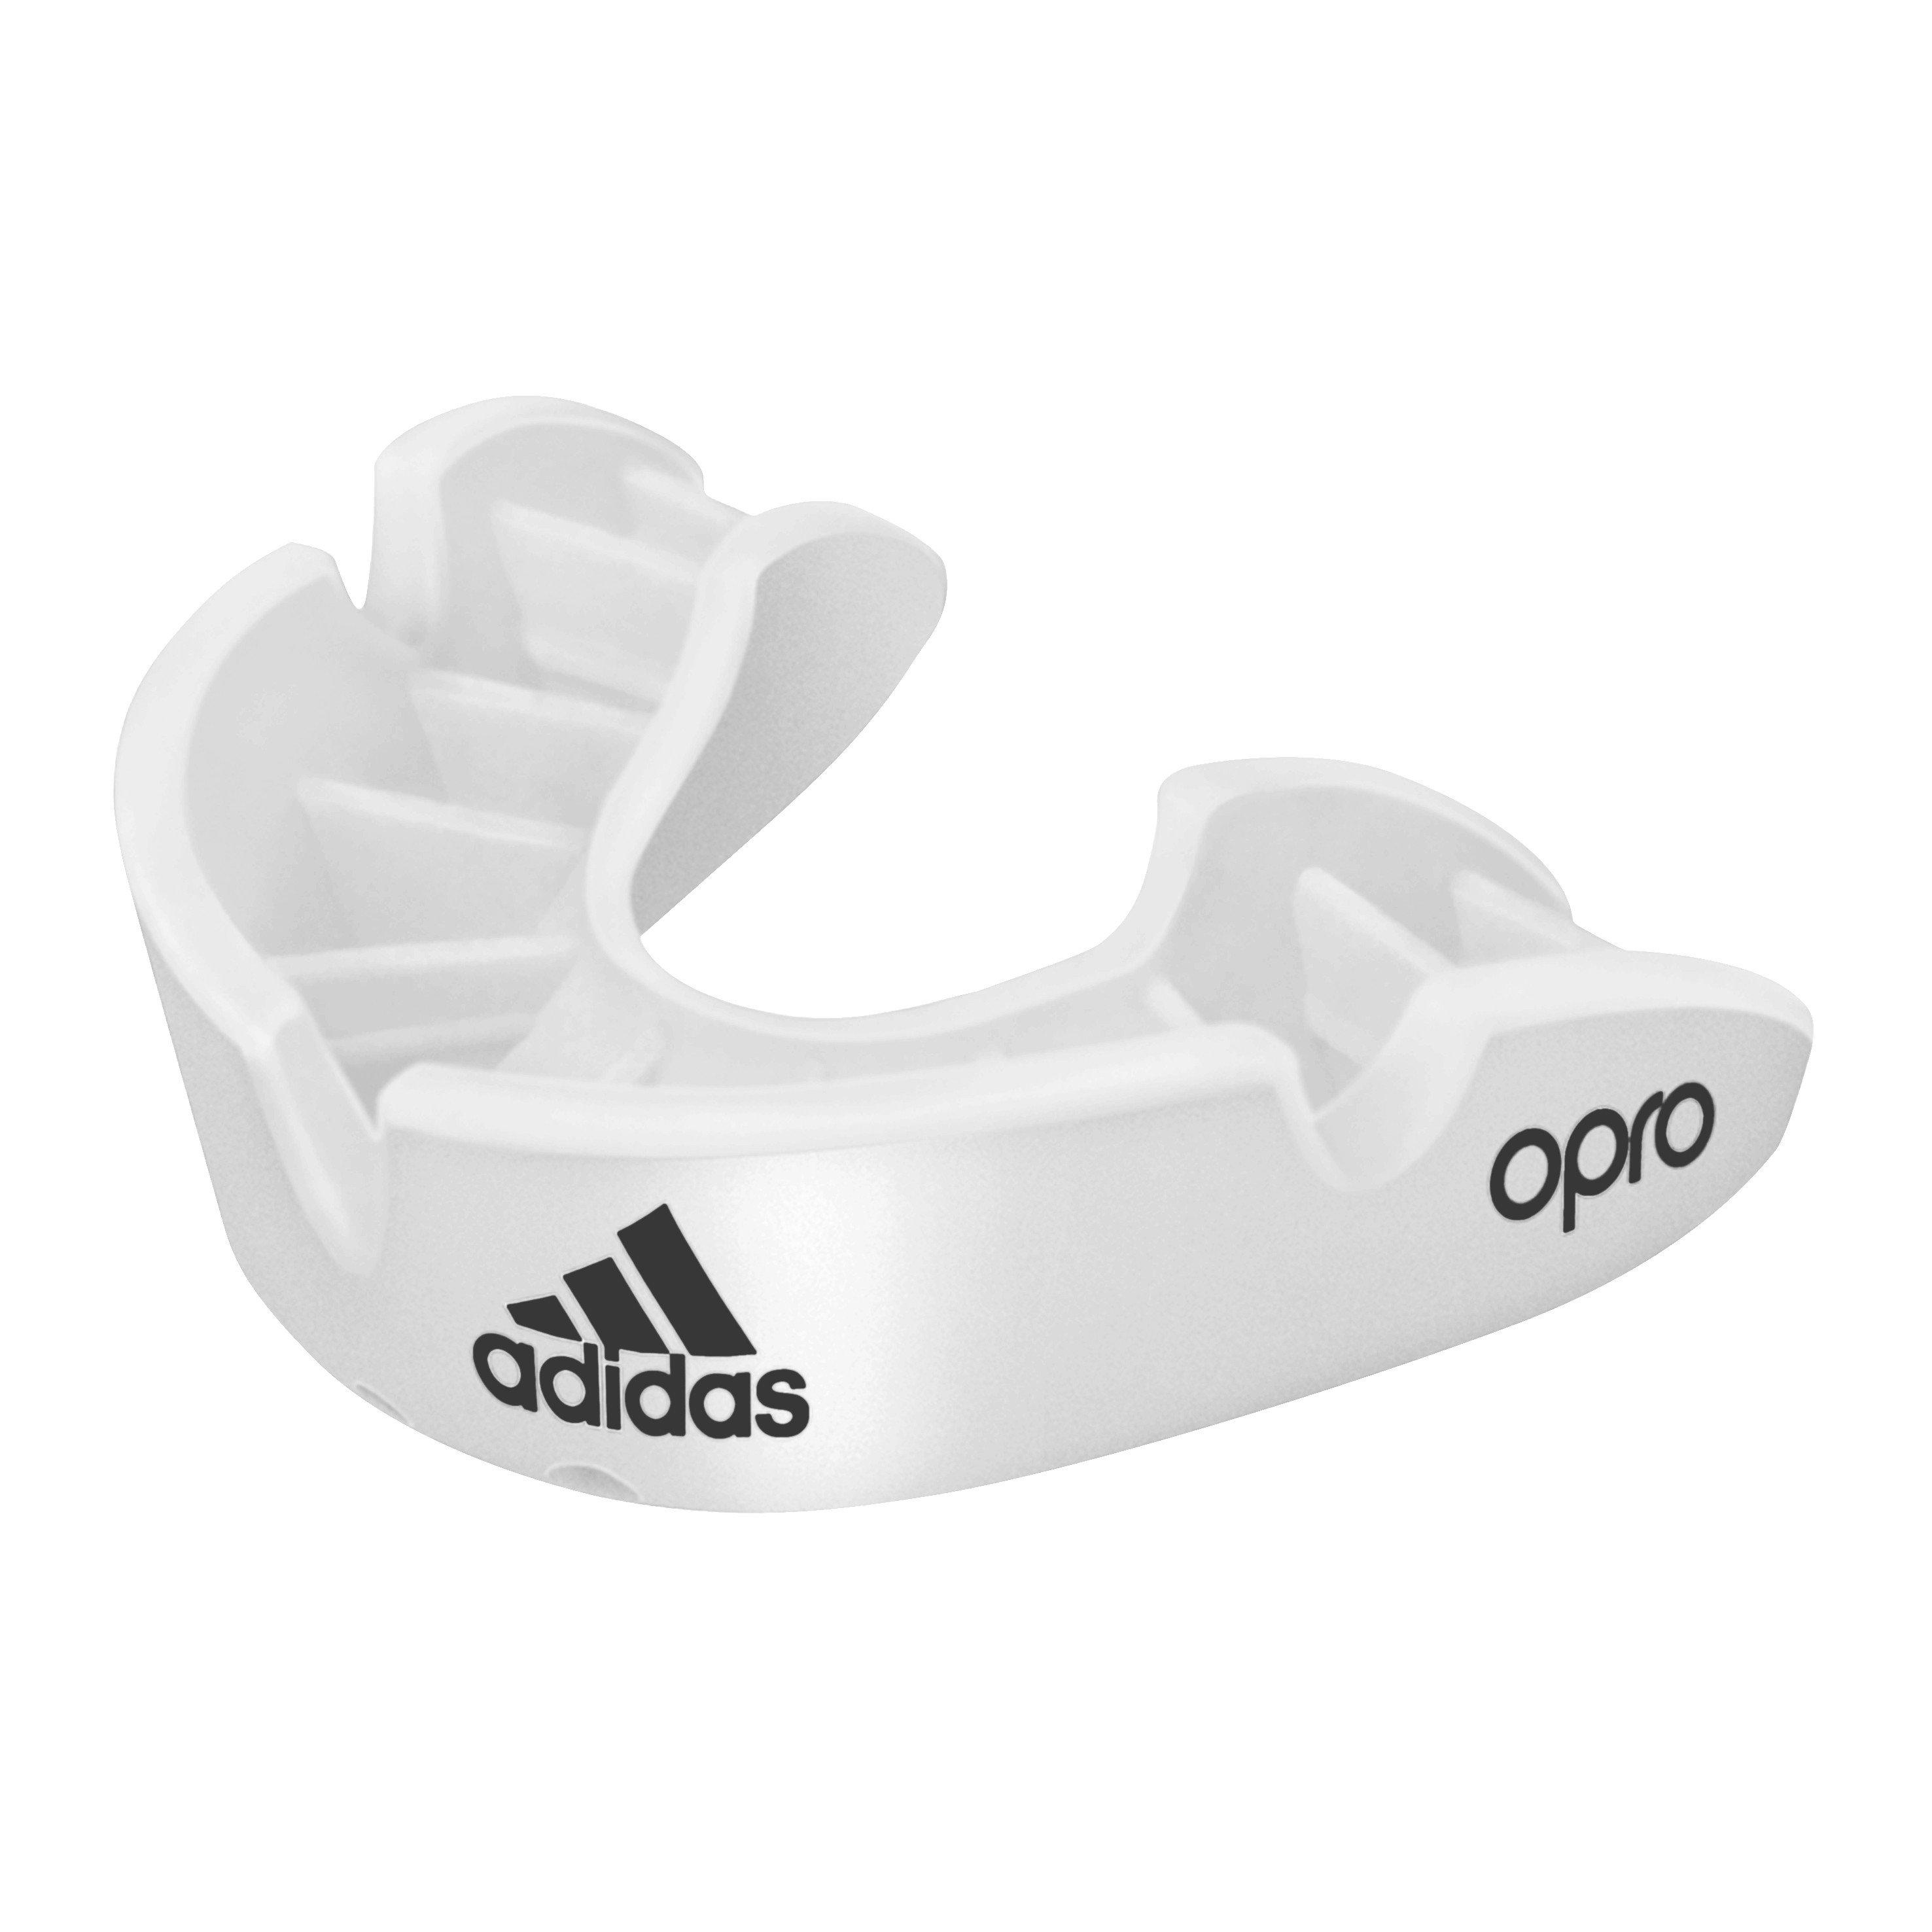 Opro Adidas Mouthguard Bronze Senior - White